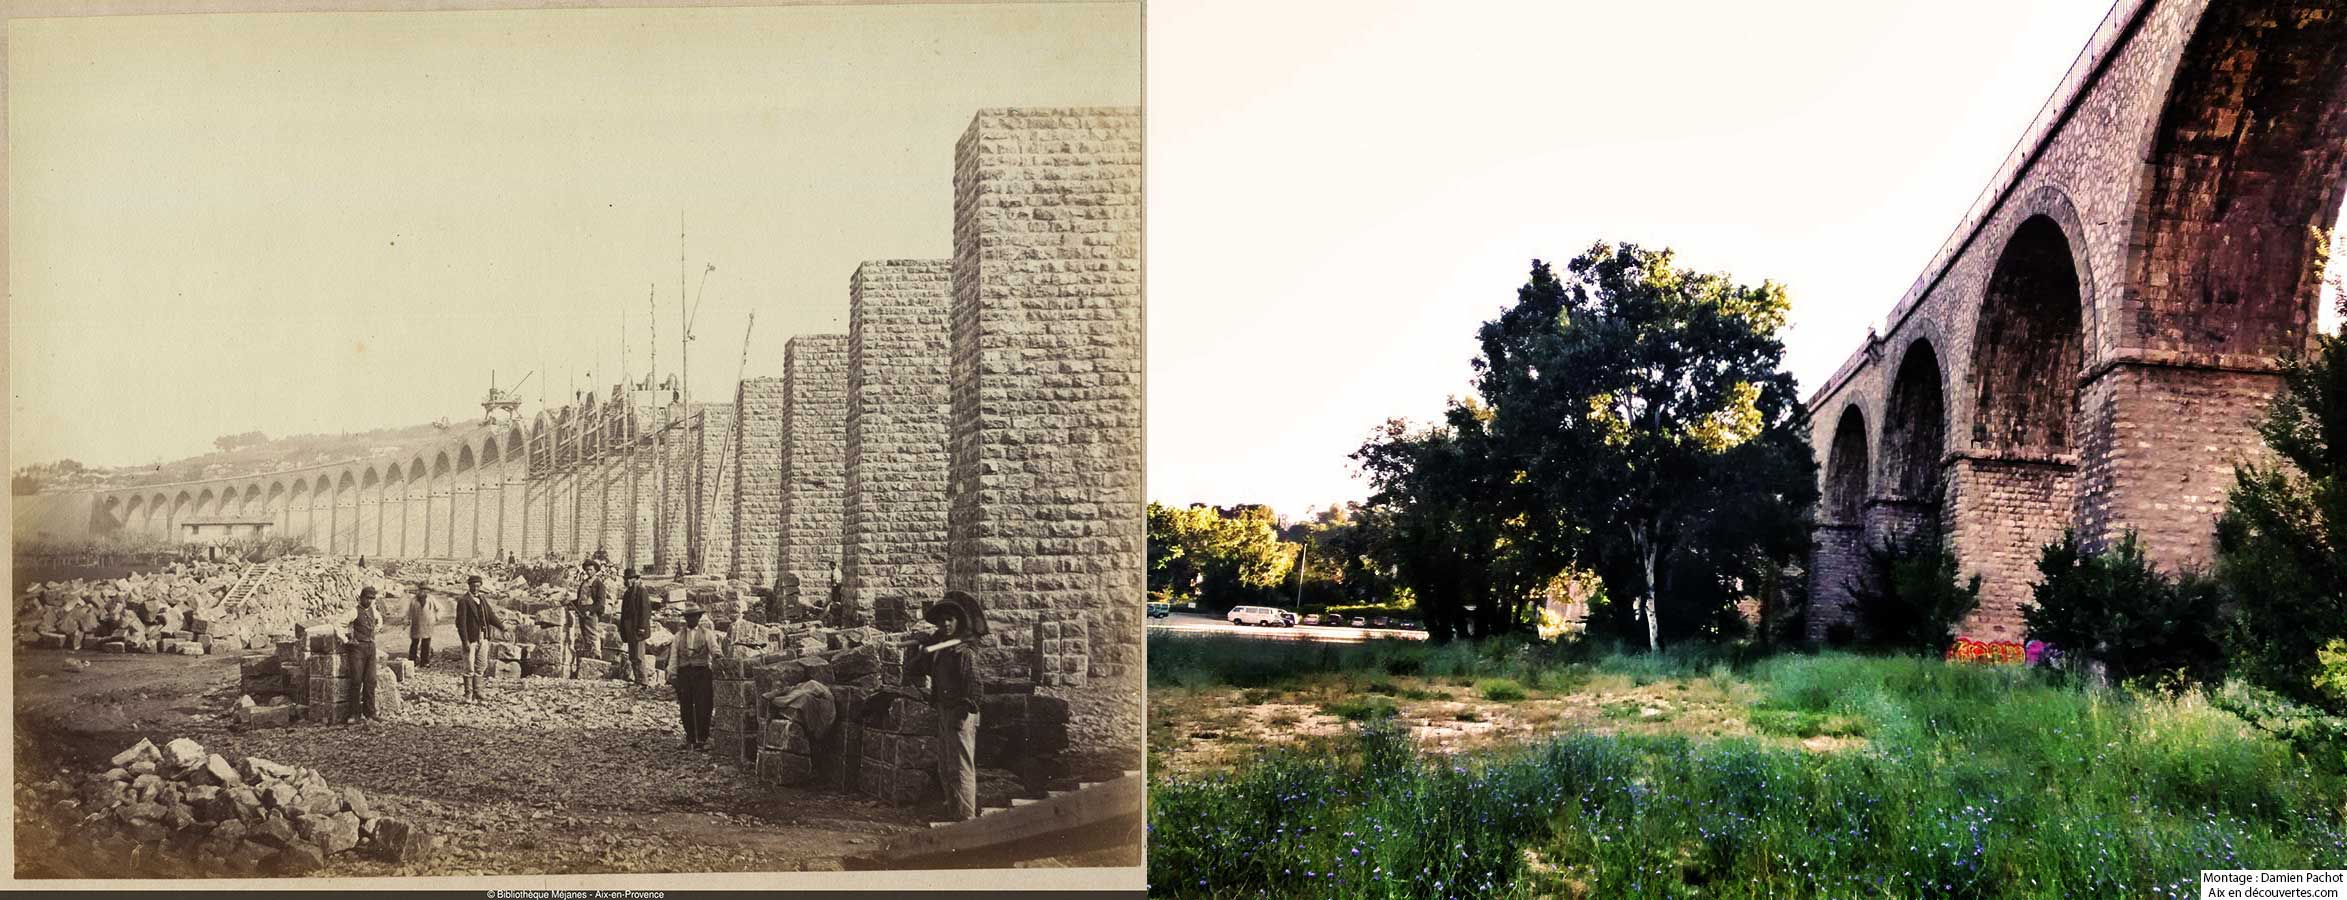 viaduc de l'Arc de Meyran en construction vers 1870-1877 et de nos jours - Bibliothèque Méjanes, Aix-en-Provence, Cote : PHO. GON. (3), 130